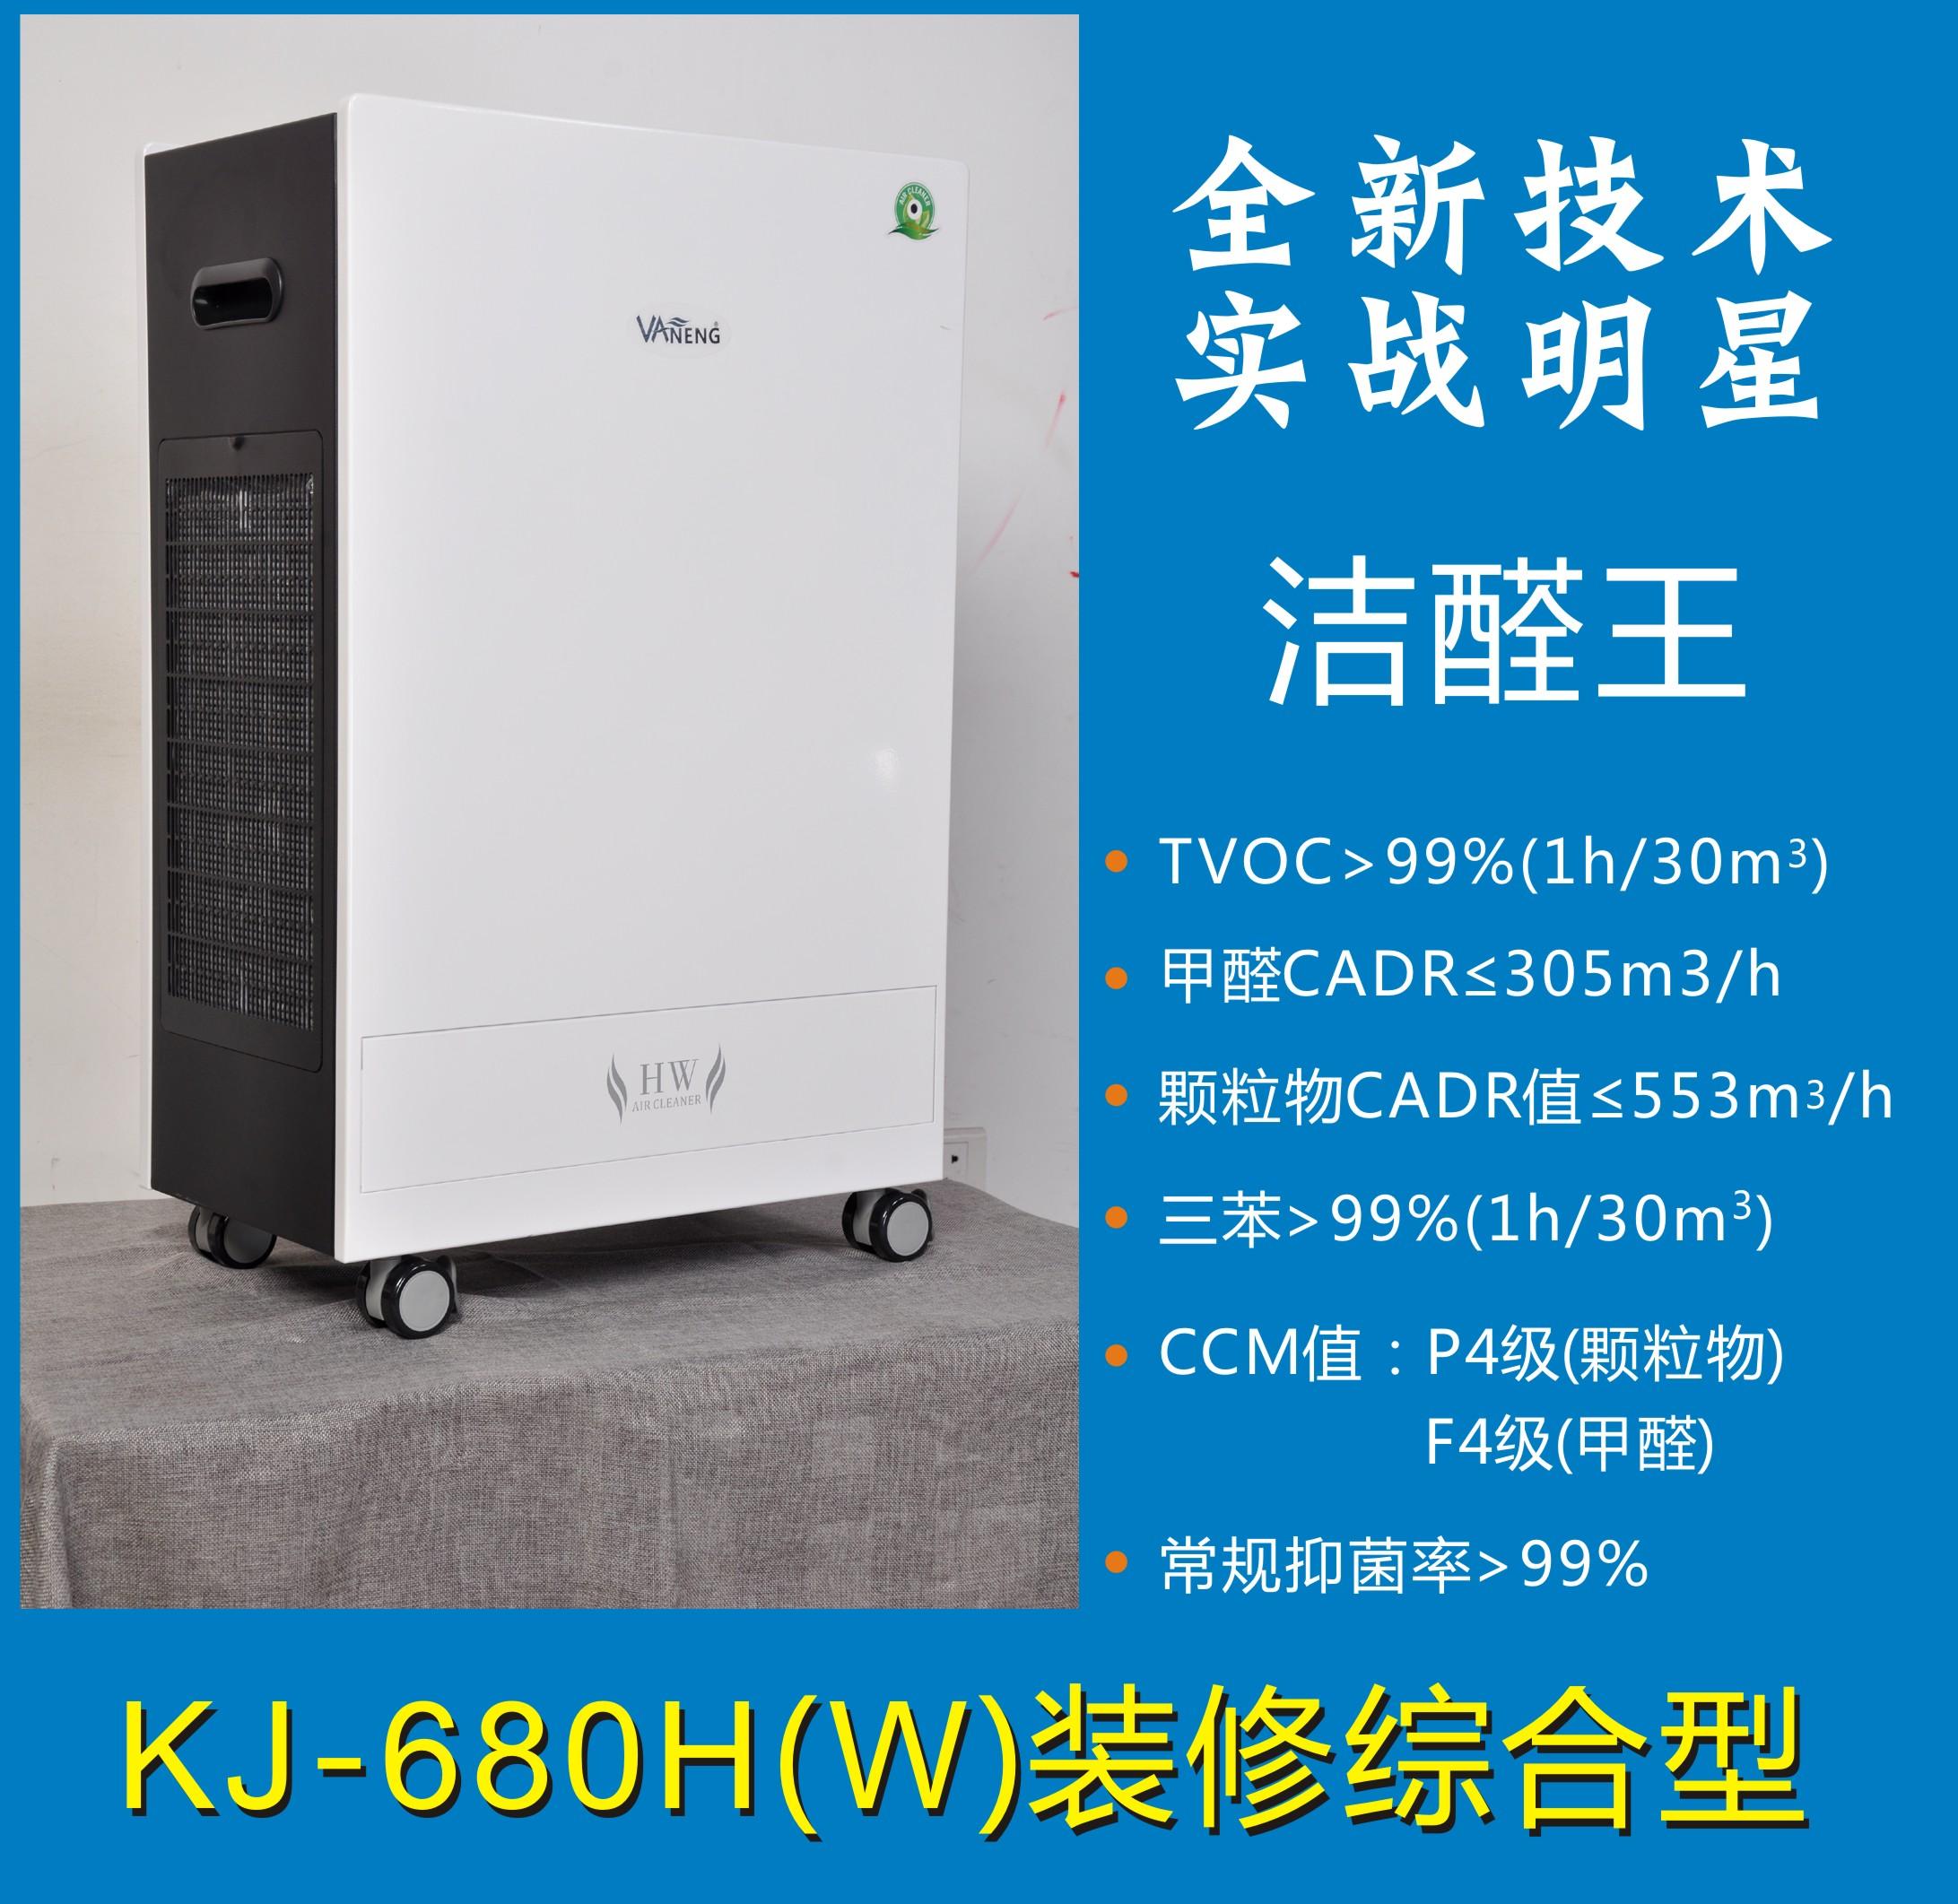 KJ-680HW装修污染型